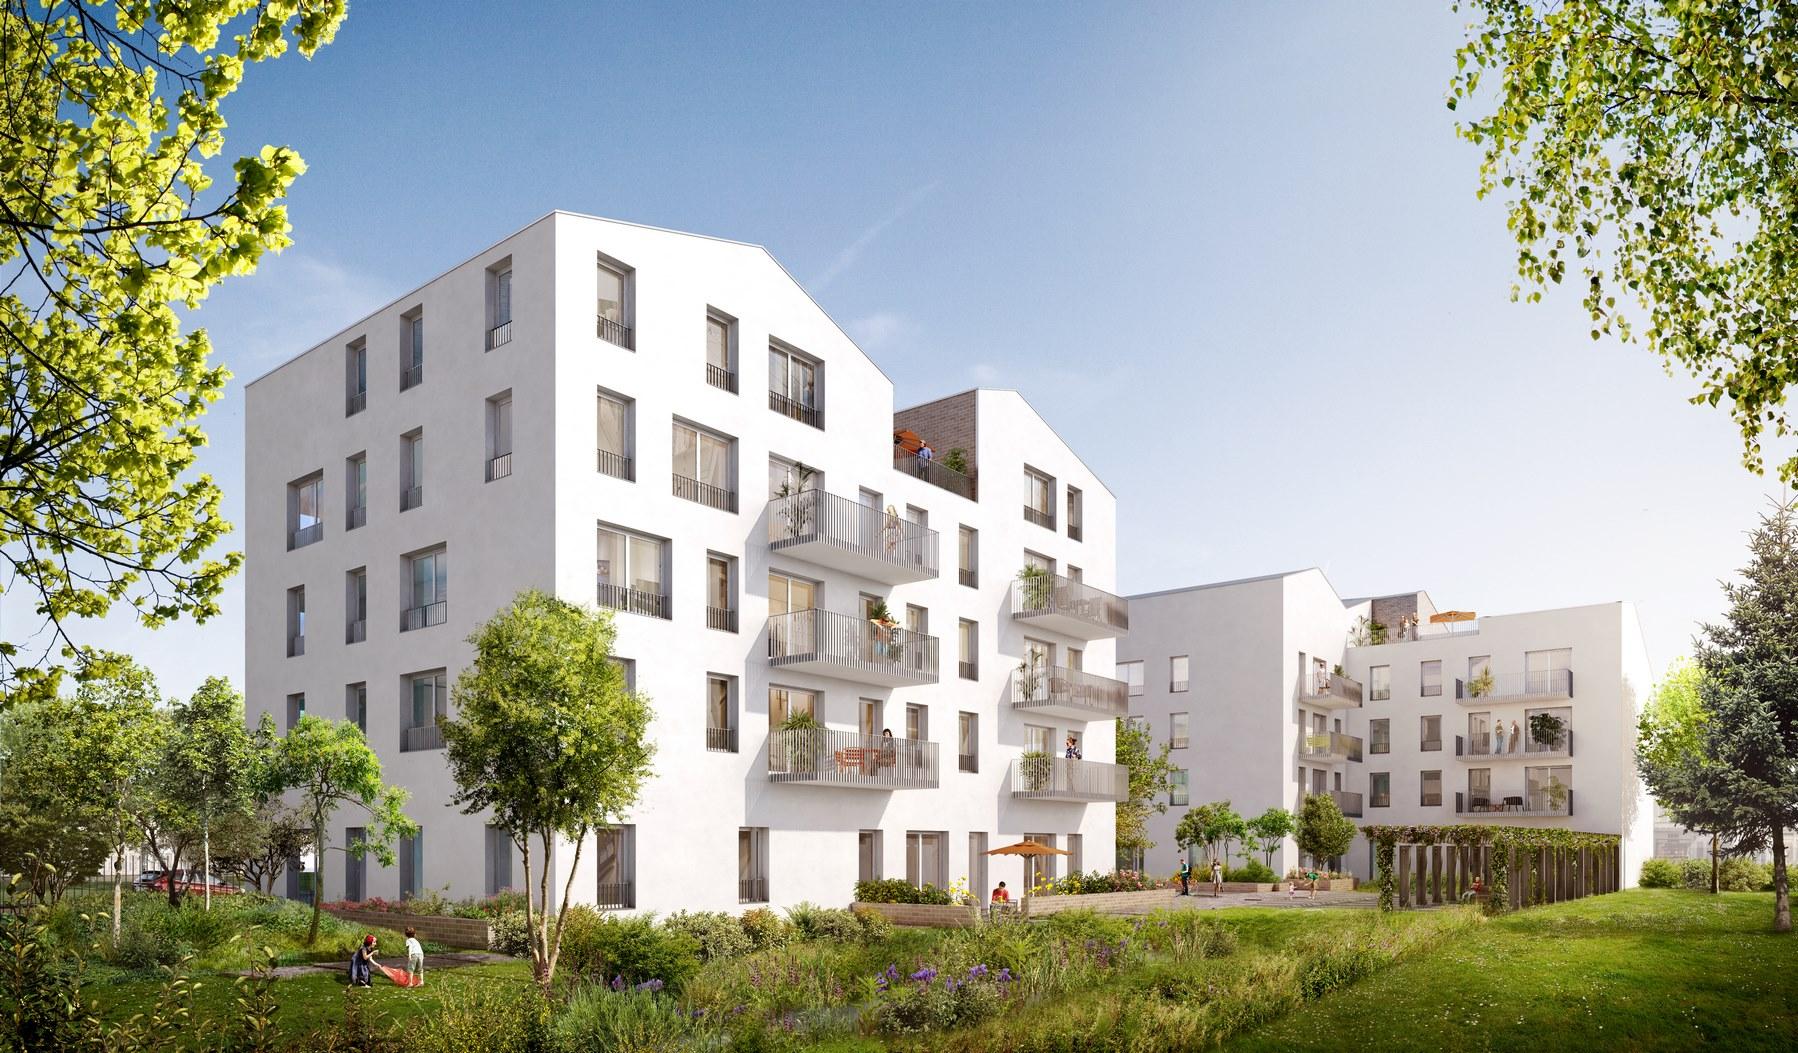 Ilot 3H - Écoquartier Les Ilots Verts - Saint-Priest - Z Architecture